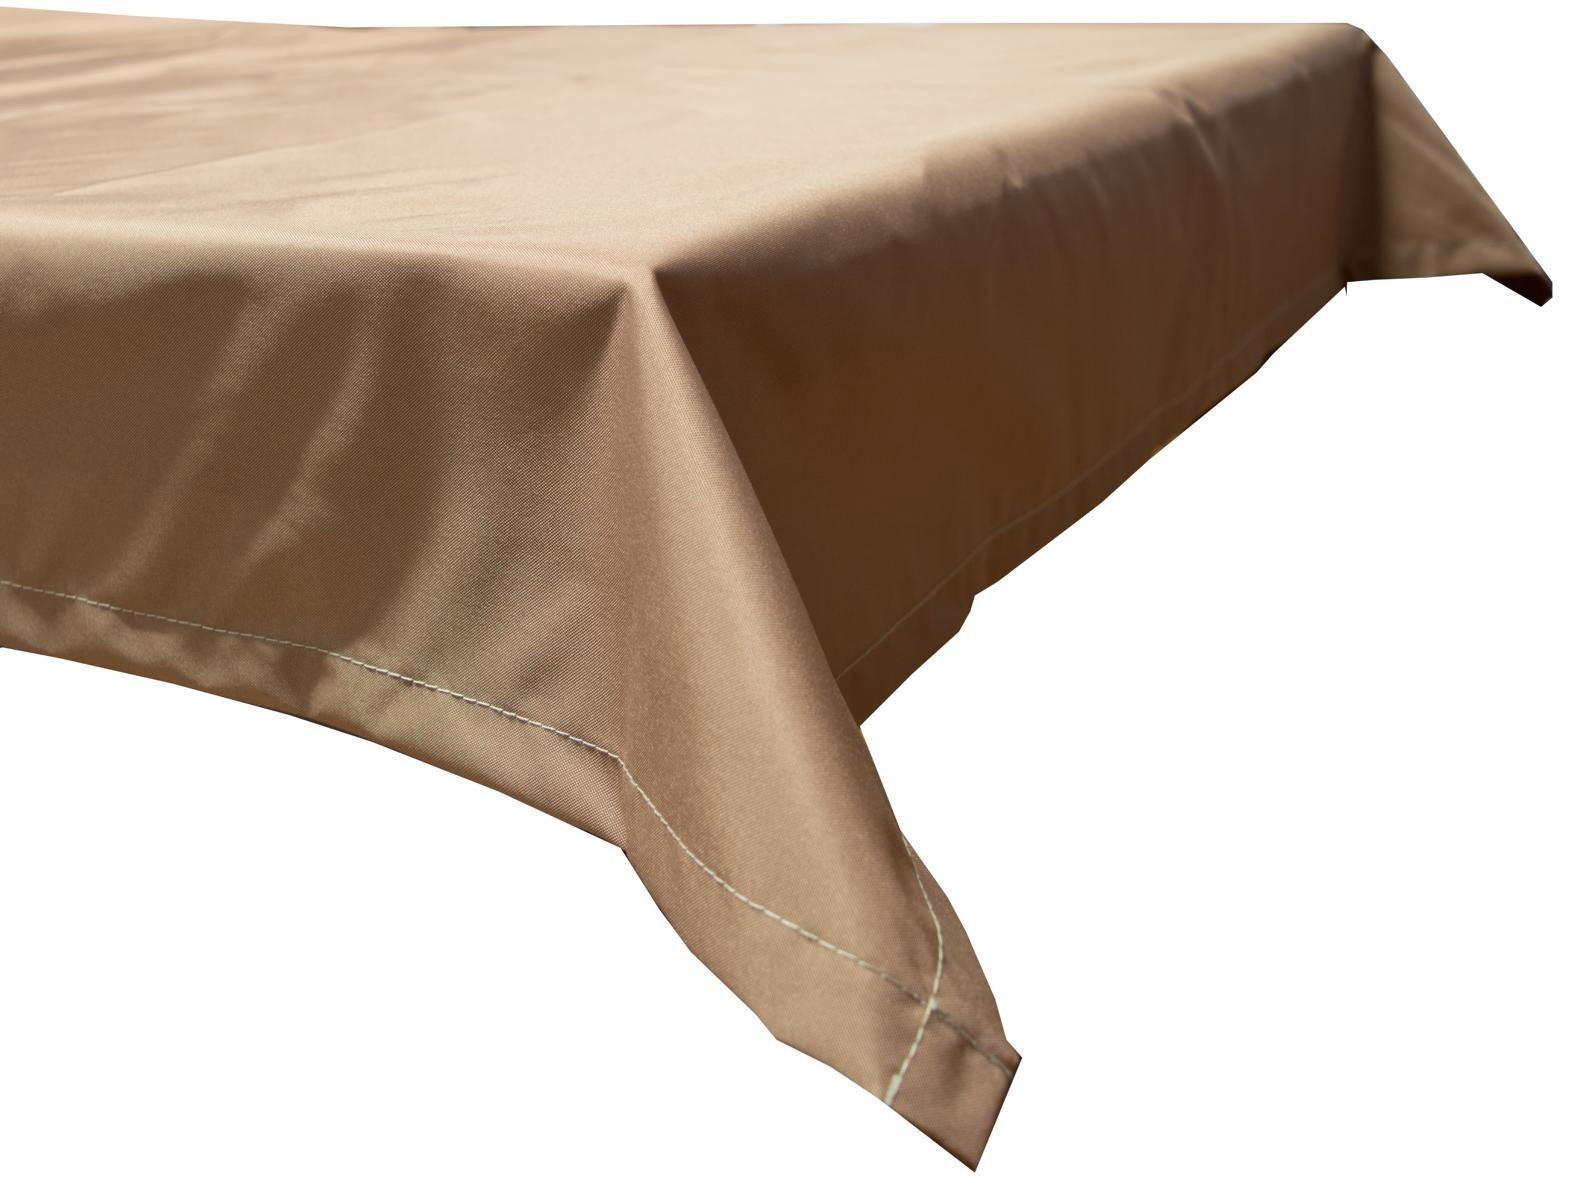 Tischdecke Beo Polyester wasserabweisend 76x76cm Dessin PY303 sand Bild 1